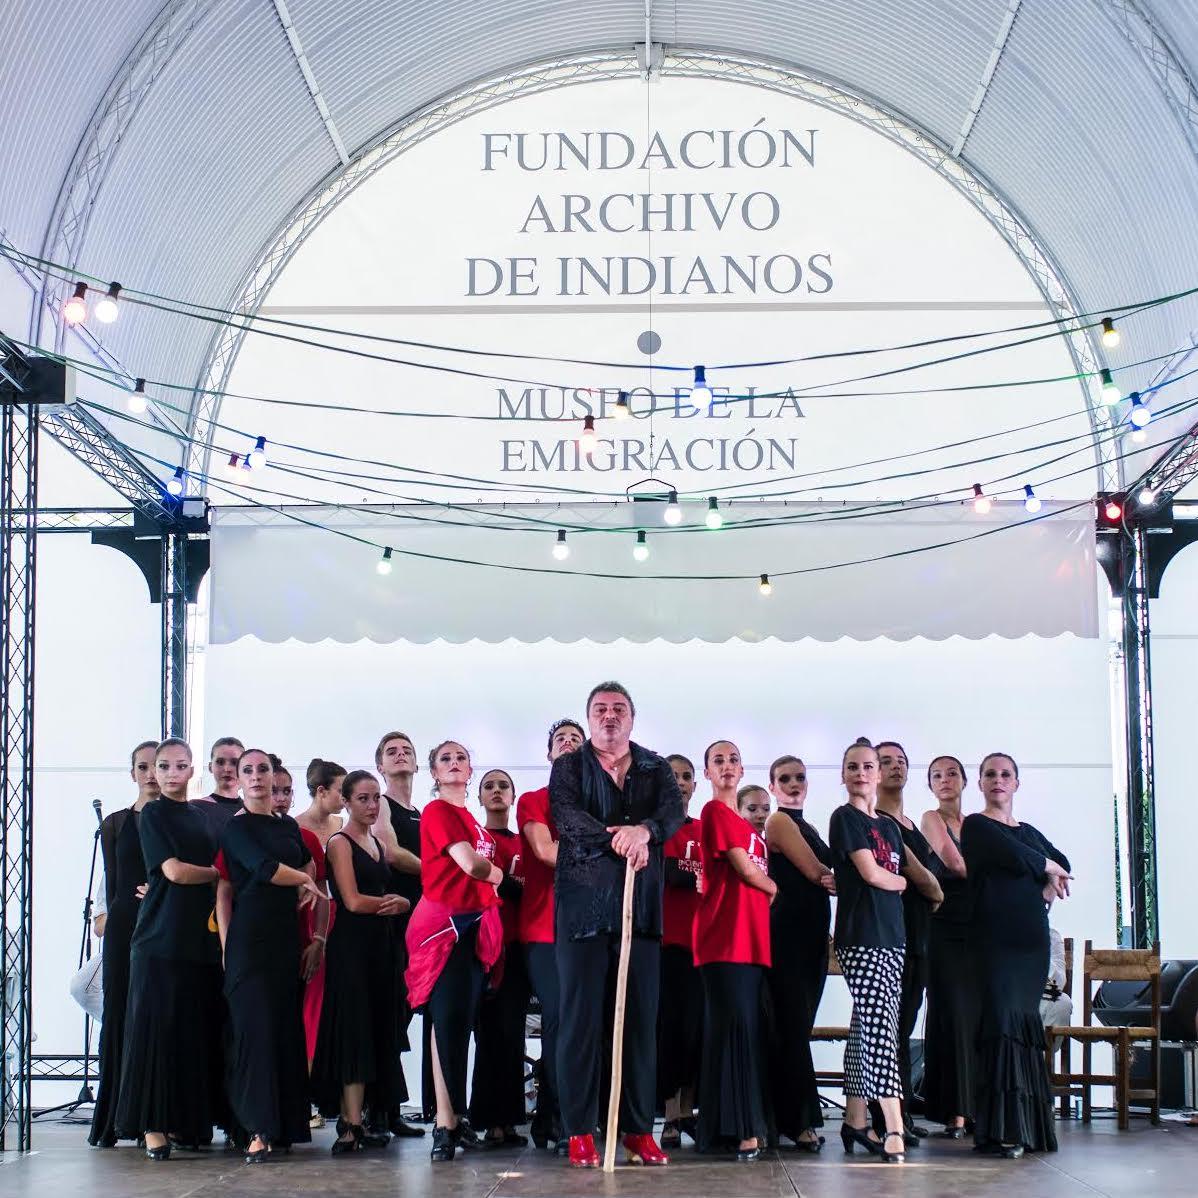 El encuentro con los maestros del flamenco regresará un verano mas a Colombres de la mano de Antonio Canales